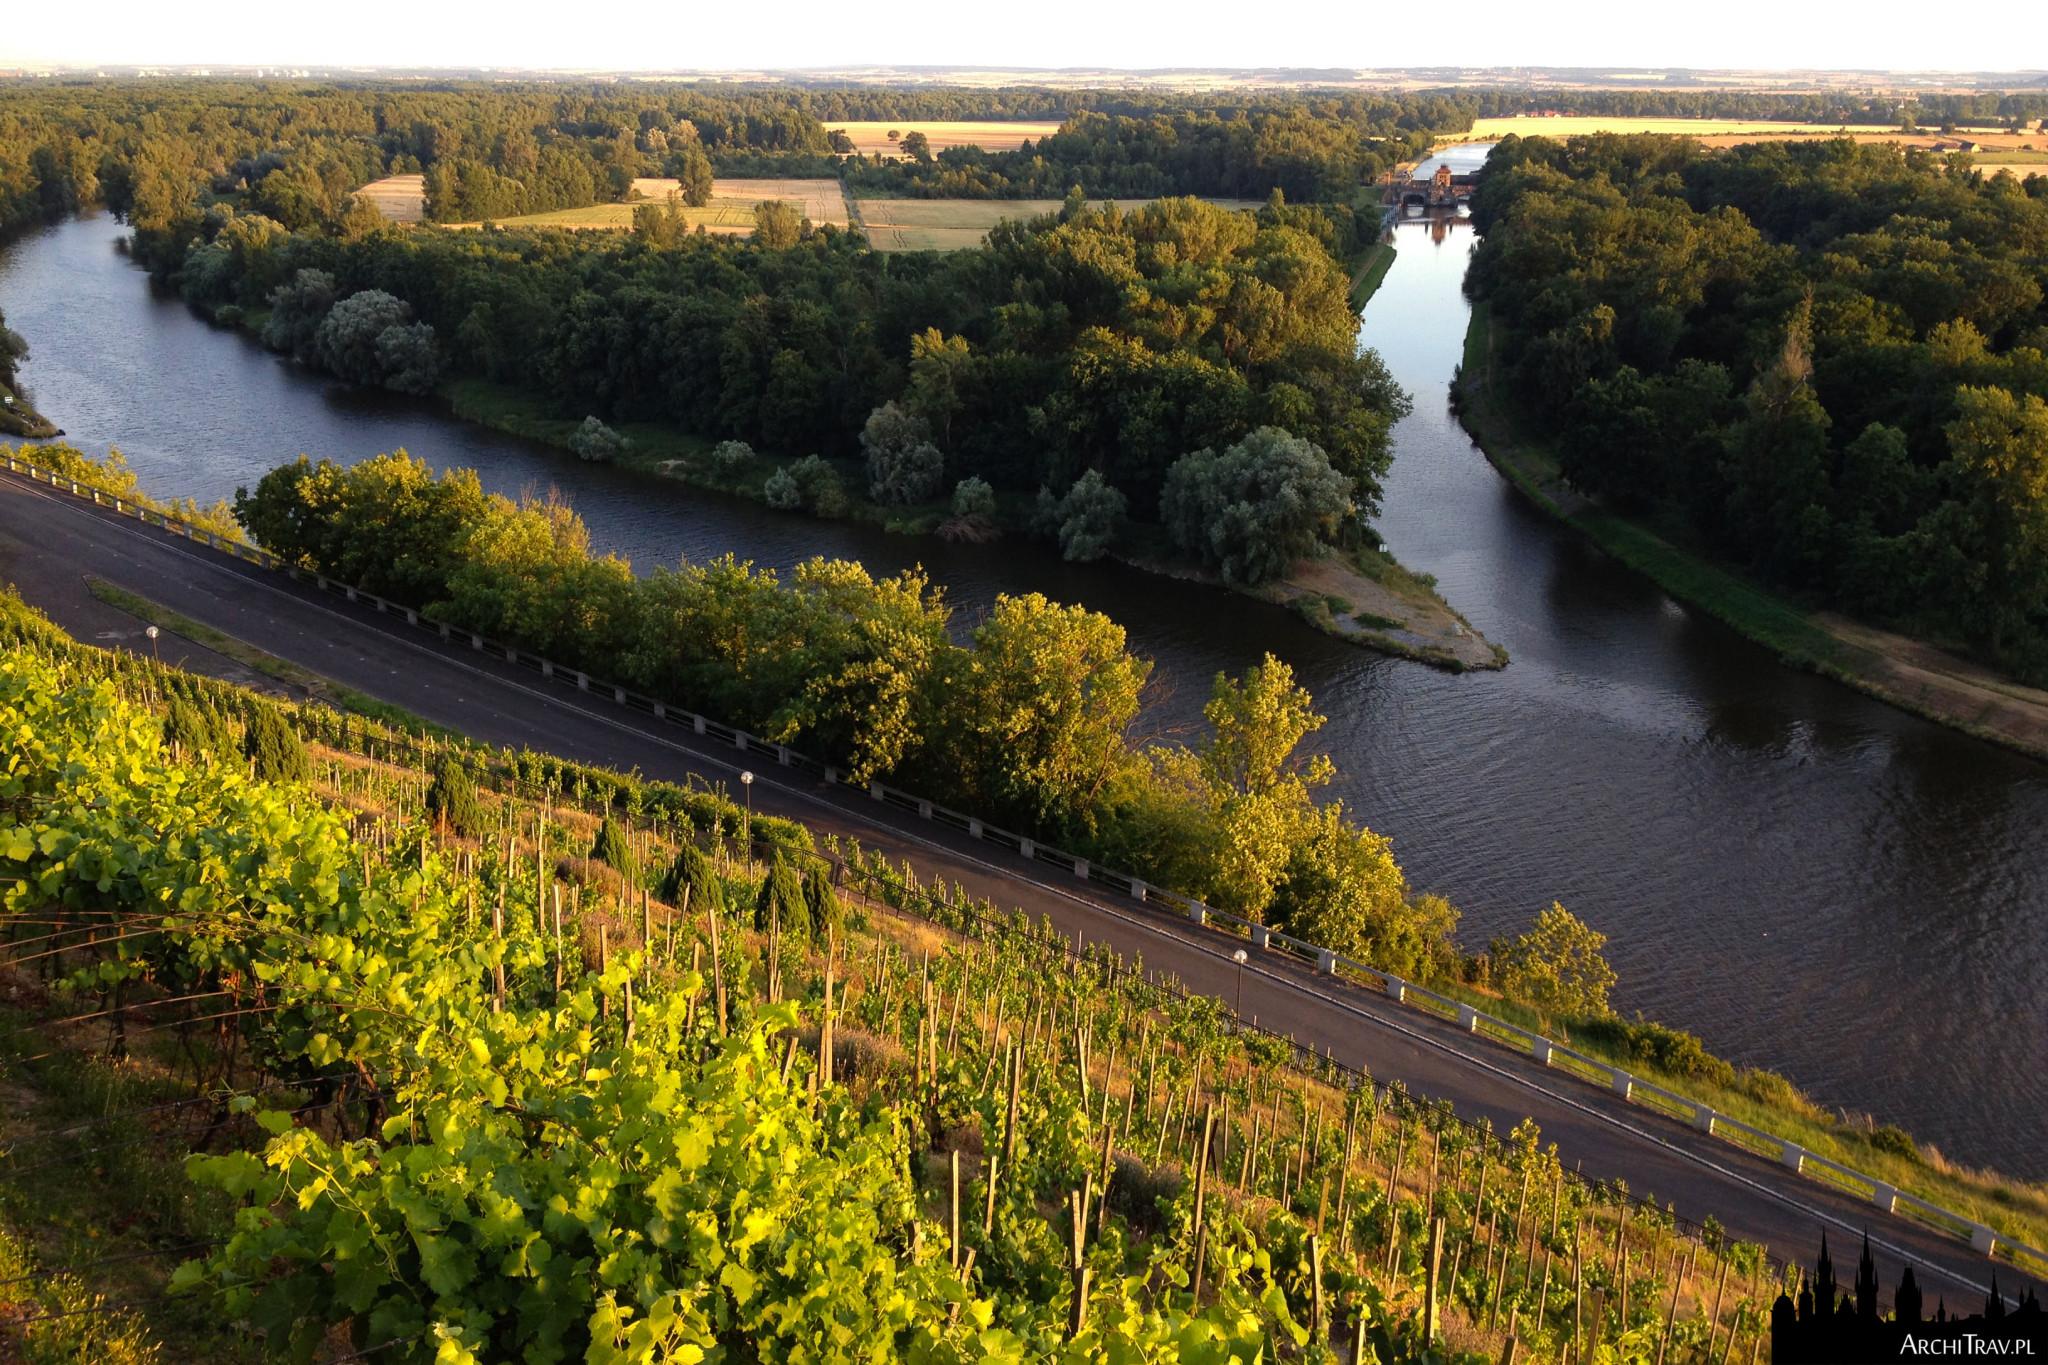 widok na połączenie dwóch rzek - Łaby i Wełtawy, malownicze zielone tereny z winnicami, Mielnik w Czechach